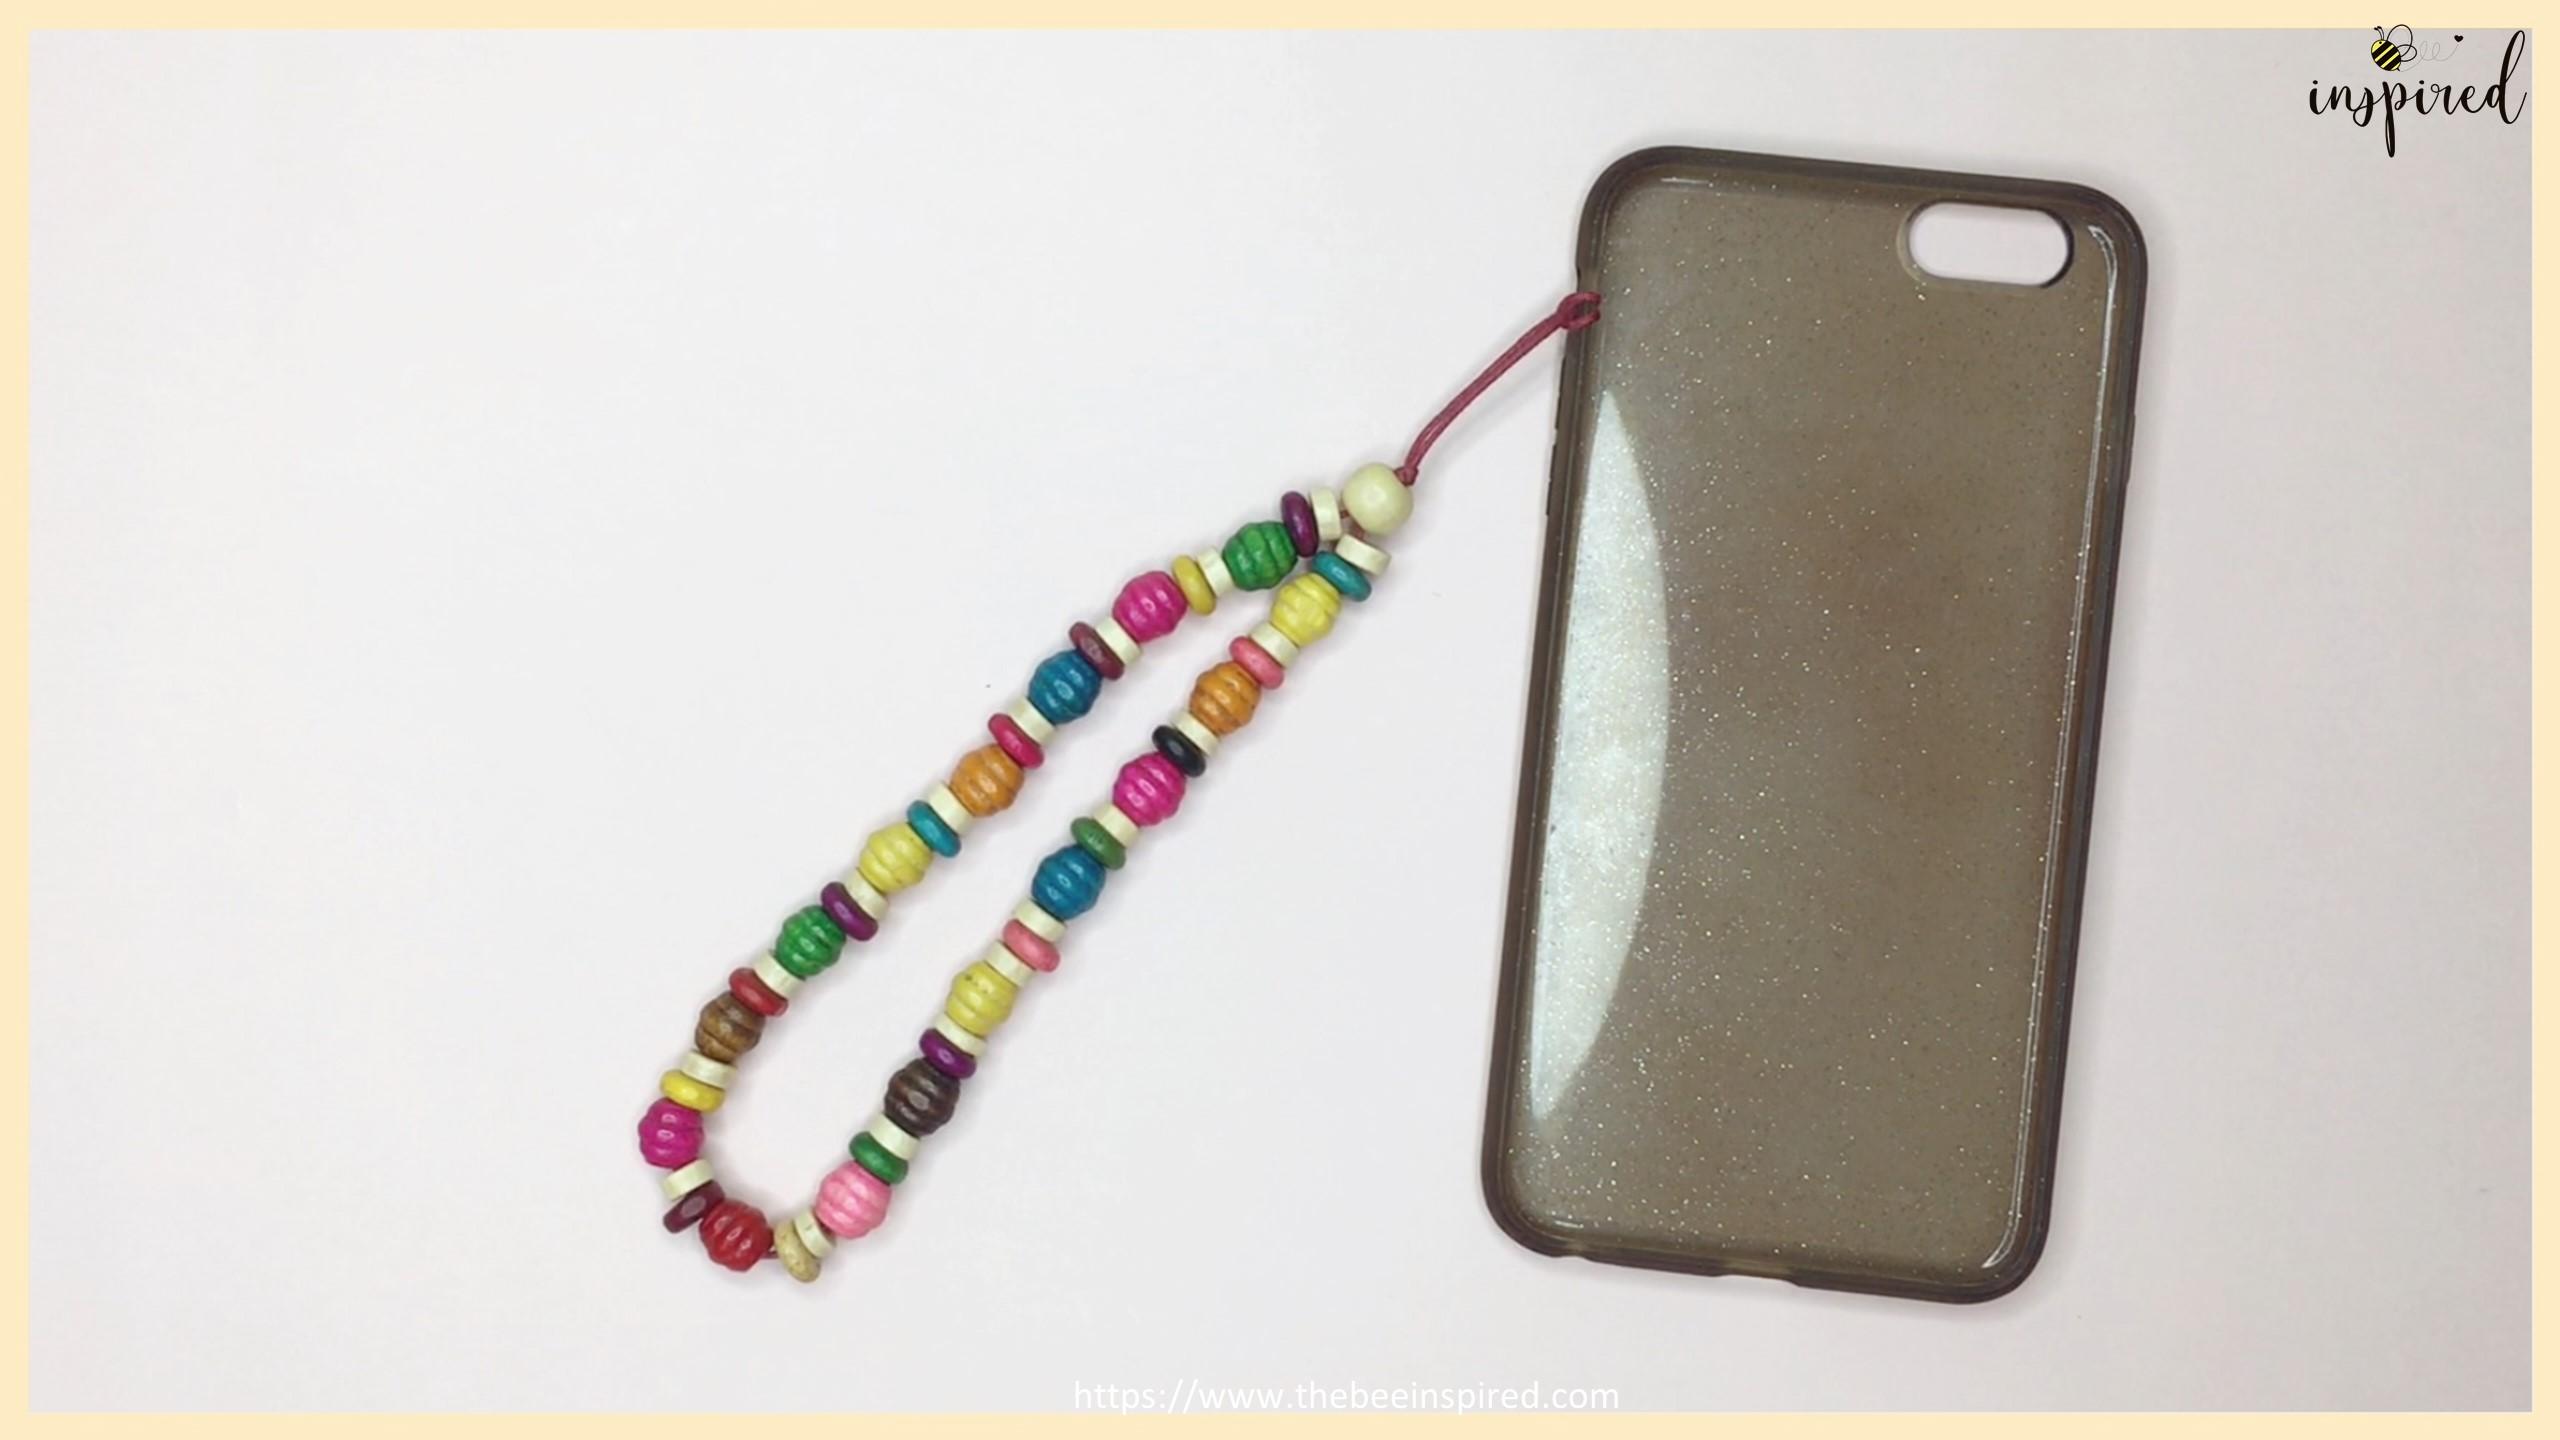 สอนทำพวงกุญแจลูกปัดห้อยโทรศัพท์ง่ายๆ อุปกรณ์แค่ 3 อย่าง - DIY Beaded Phone Charms (Easy Version) - Phone Strap - Phone Keychain_22